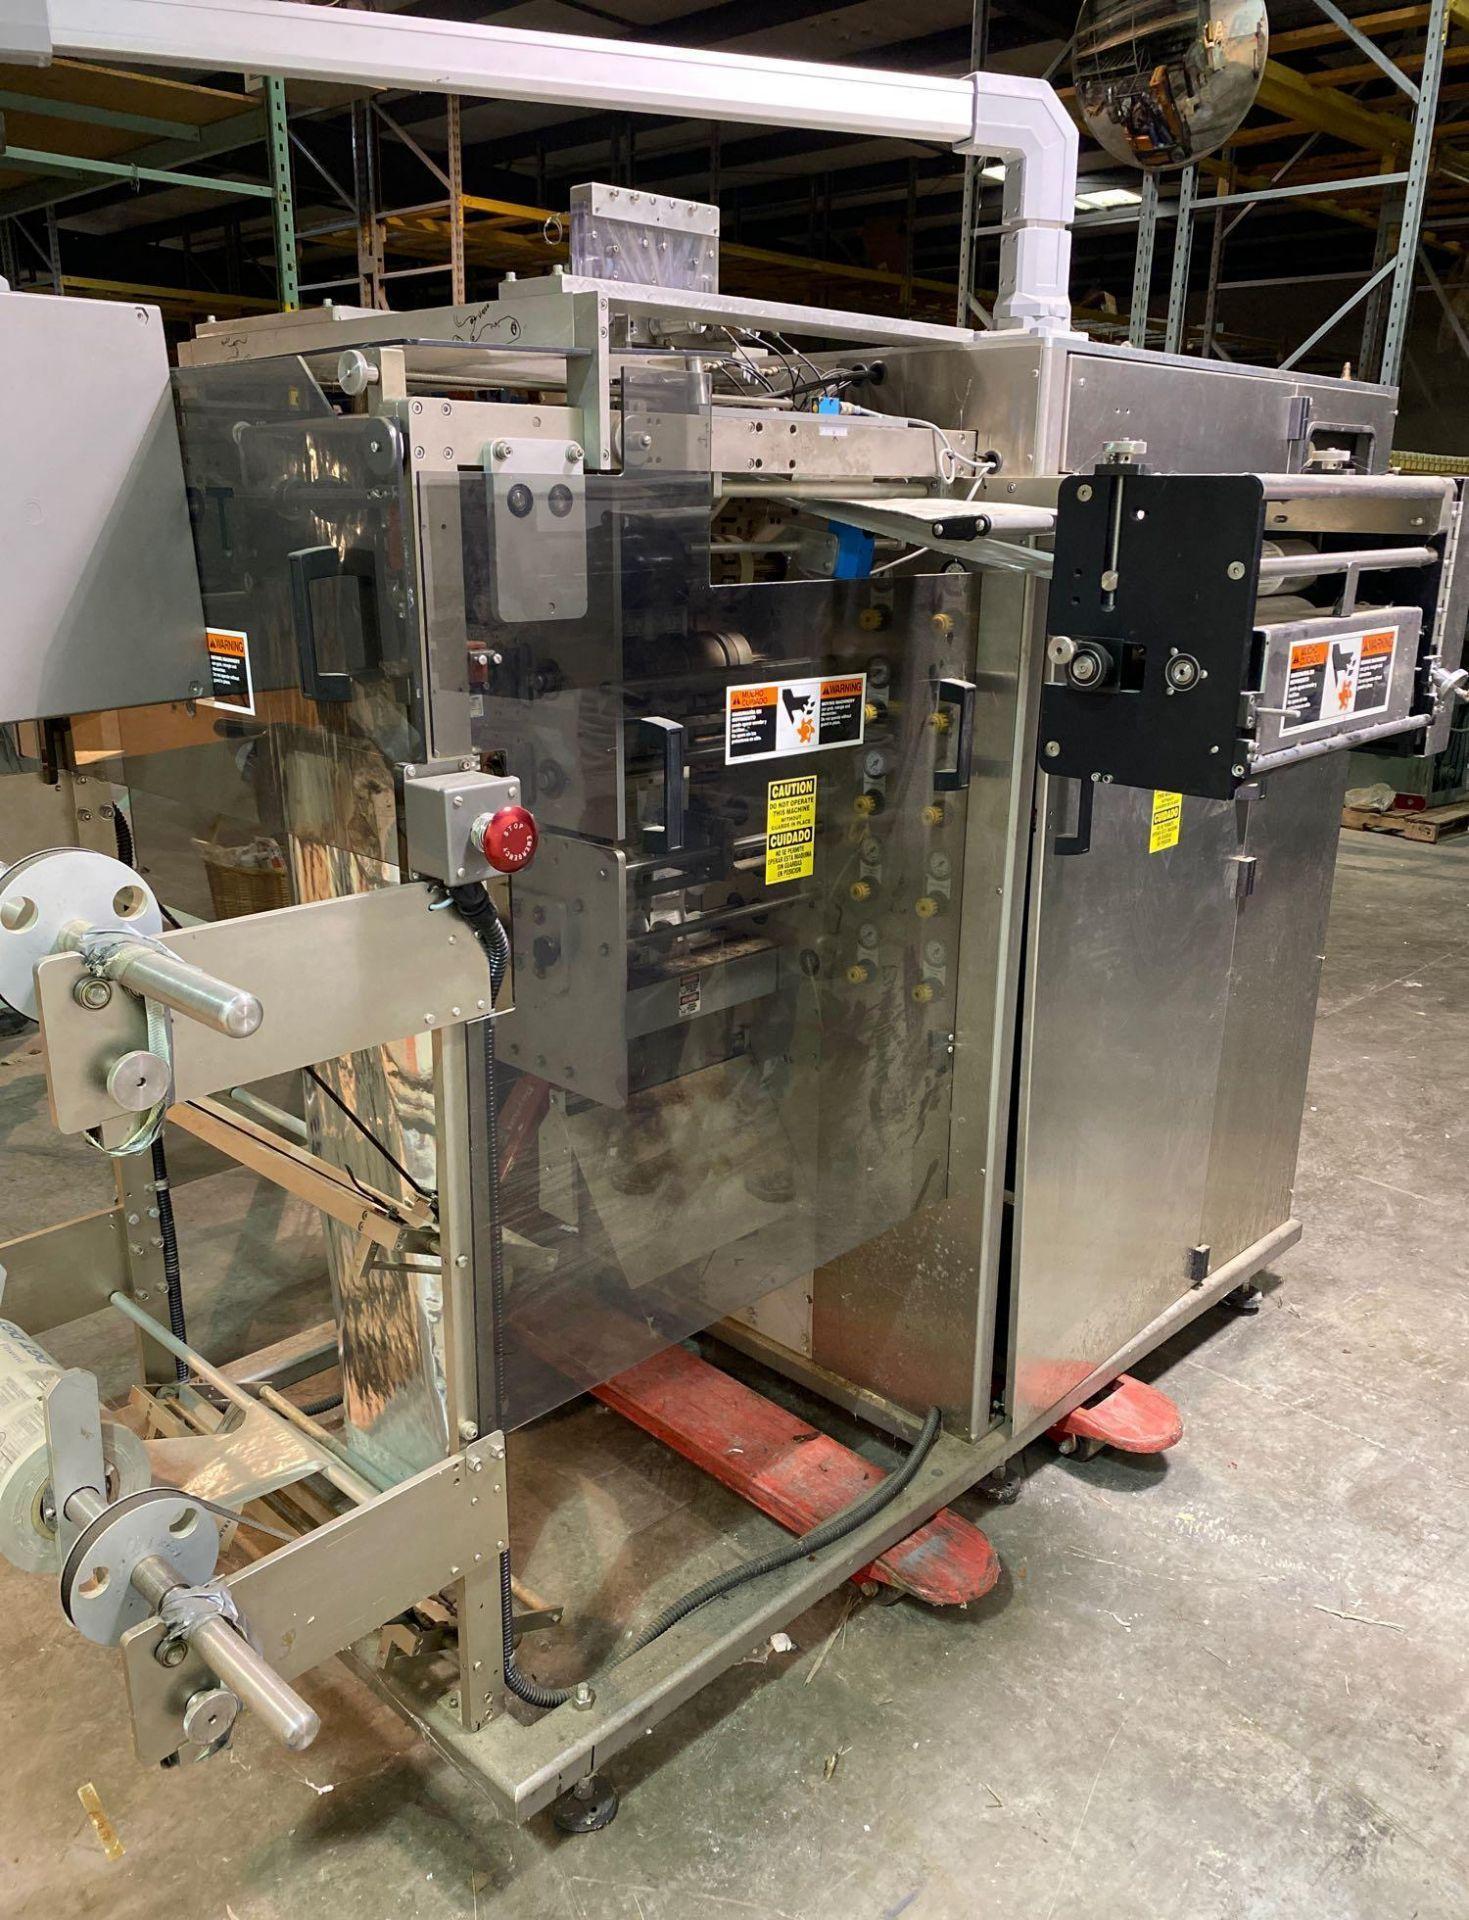 APT Packaging Foil Packaging Machine - Image 27 of 27